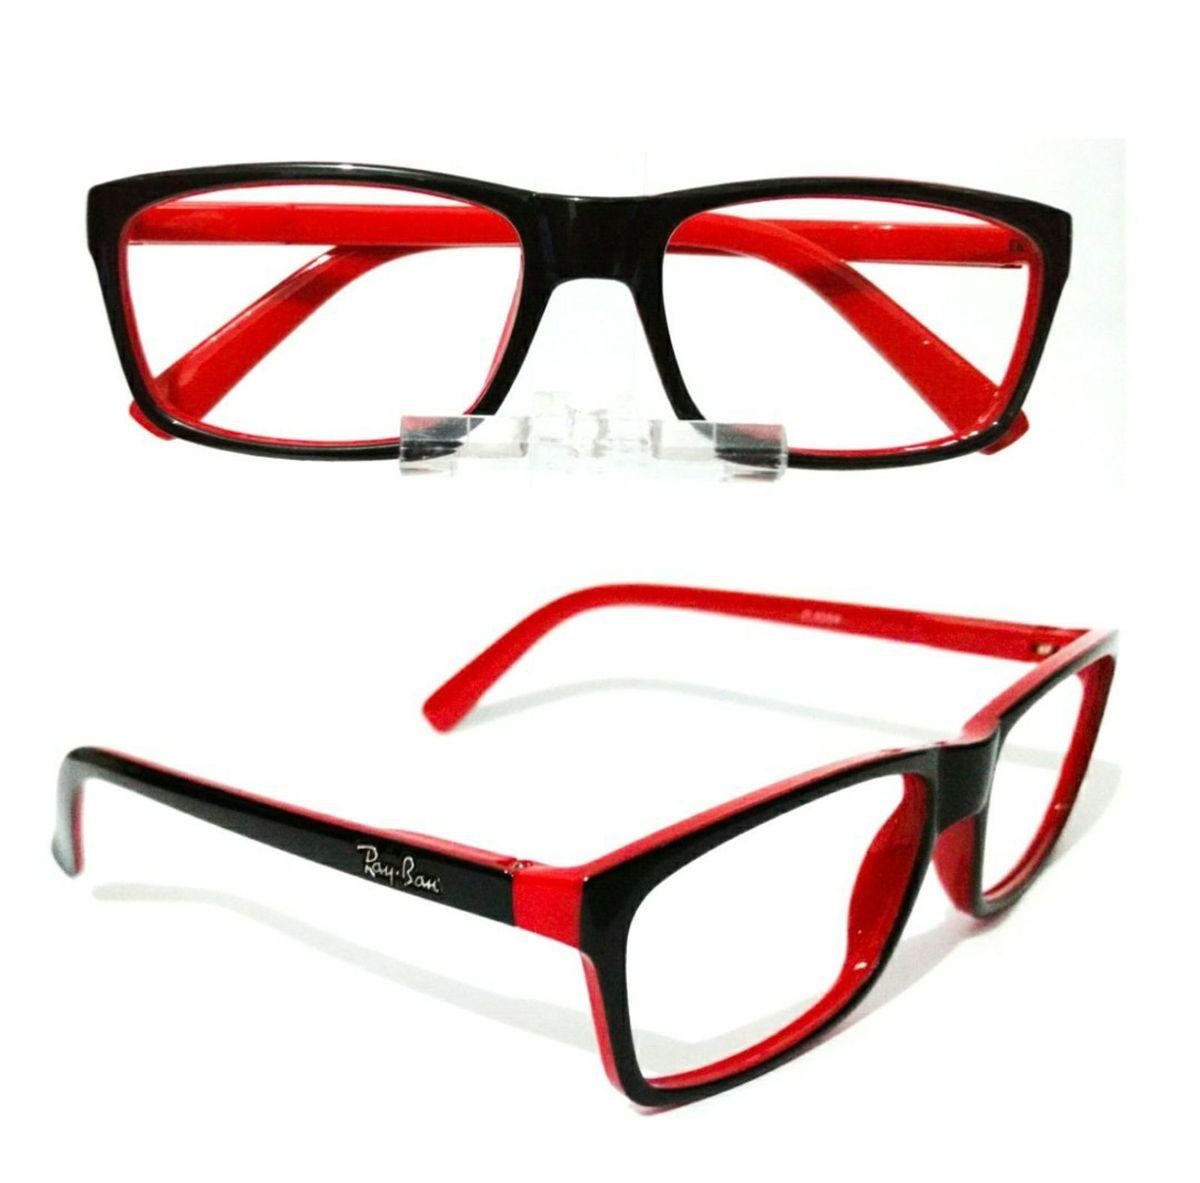 d9bf327eb armação para óculos grau ray ban wayfarer feminino e masculino - óculos rb